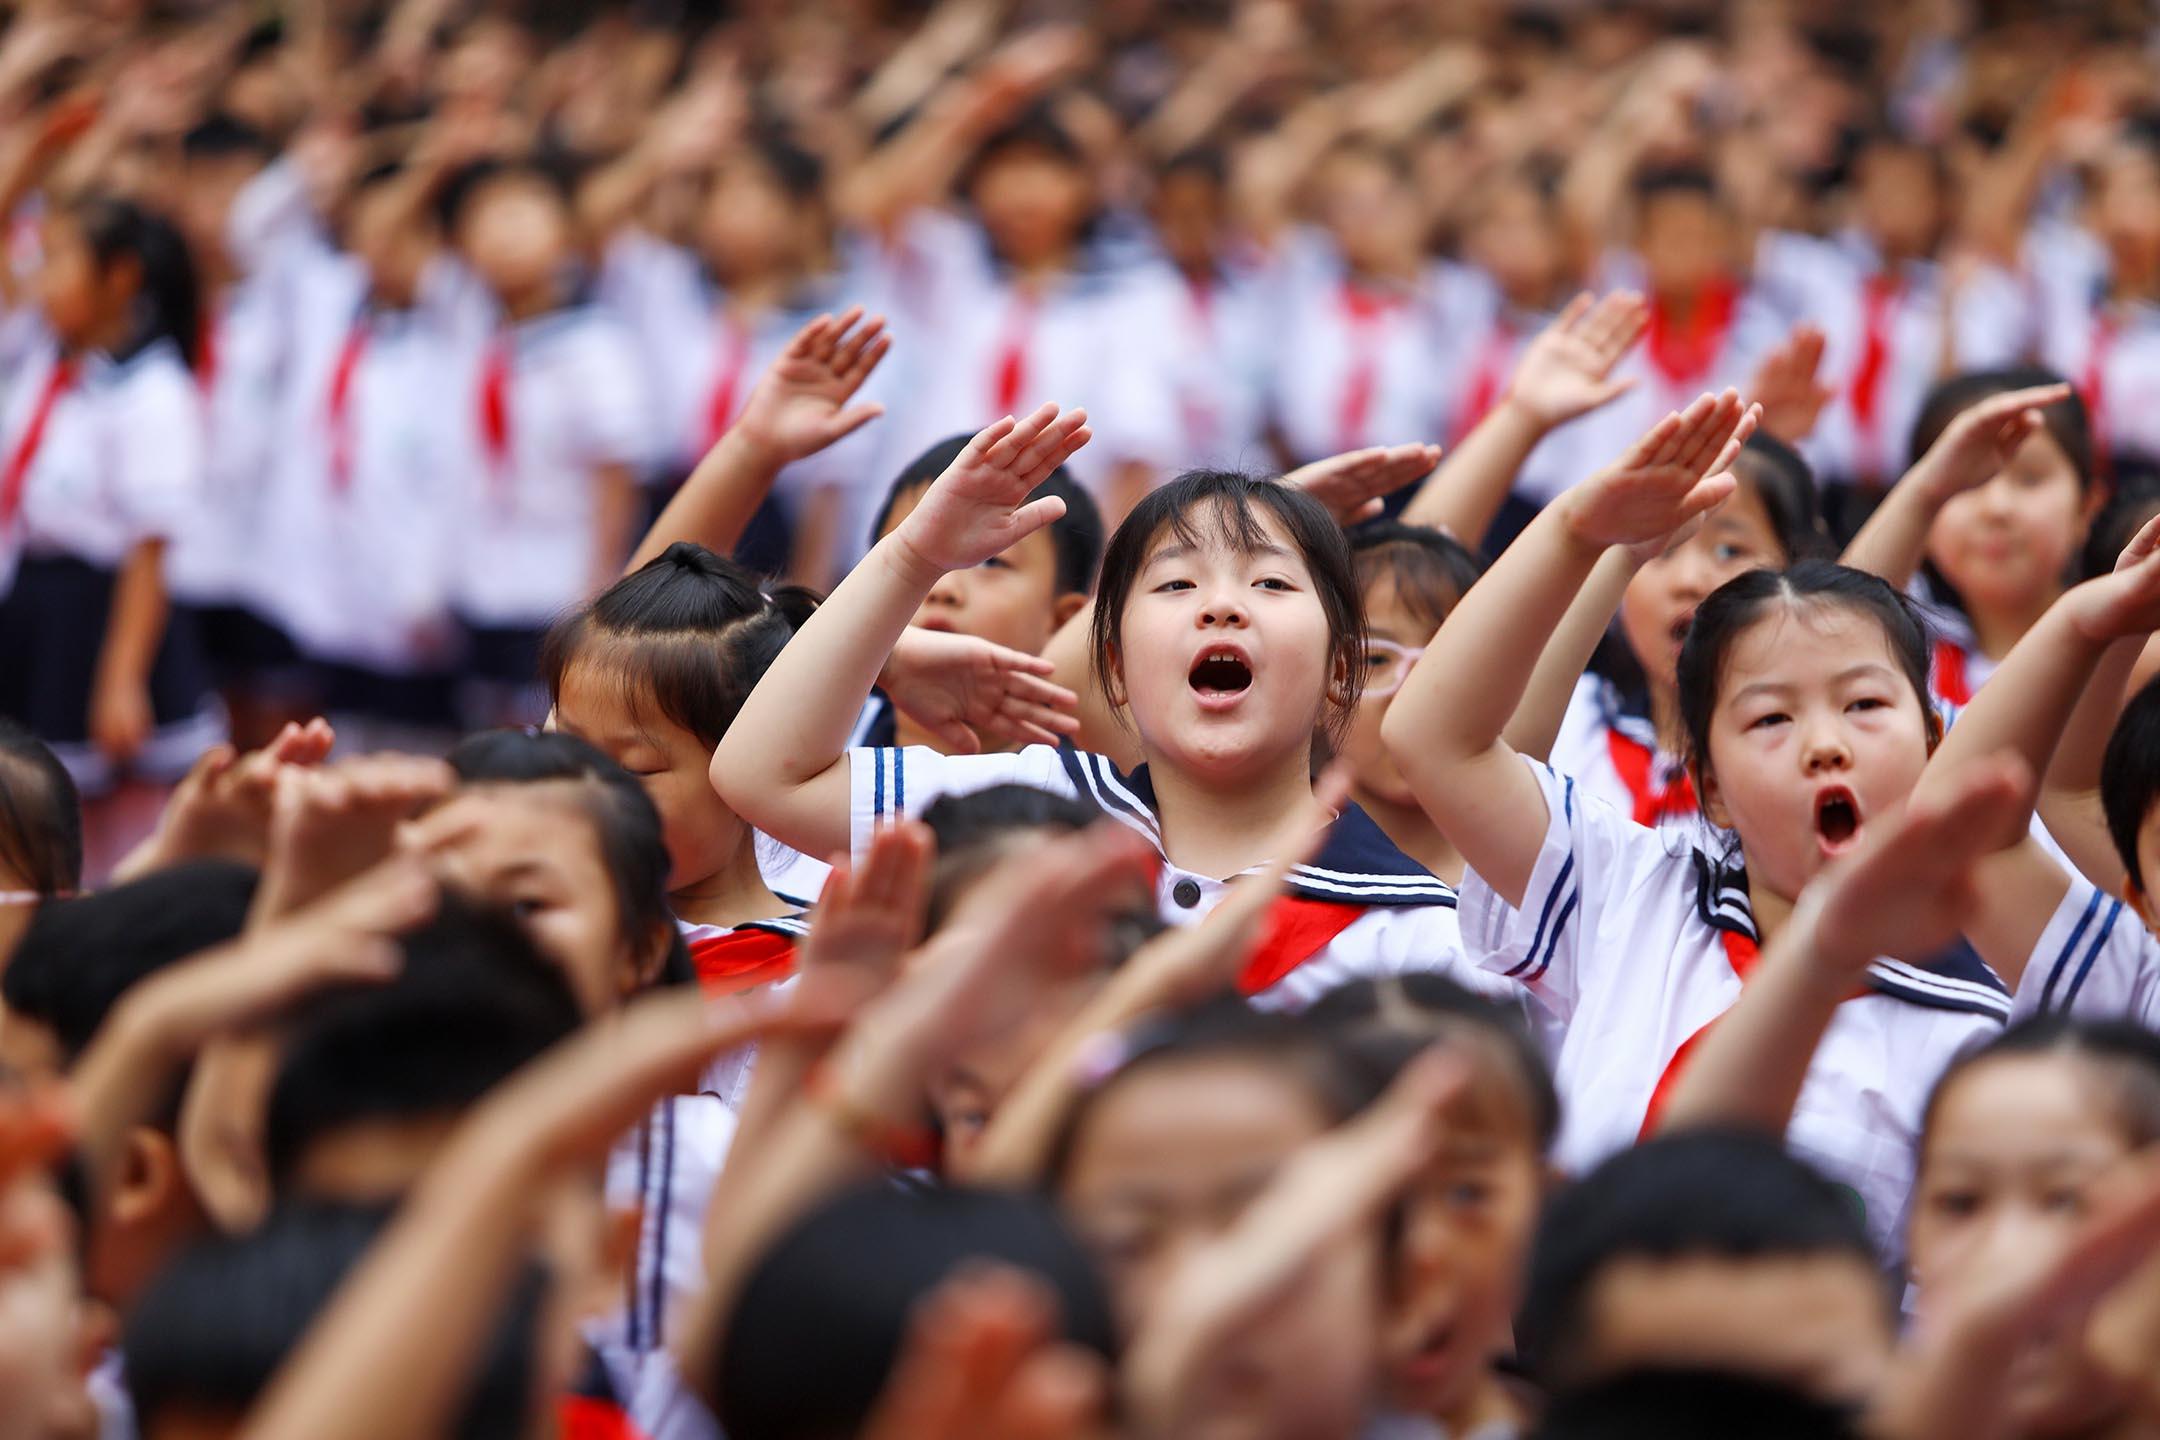 2021年9月1日中國淮北,新學期開學典禮上,小學生敬禮並唱國歌。